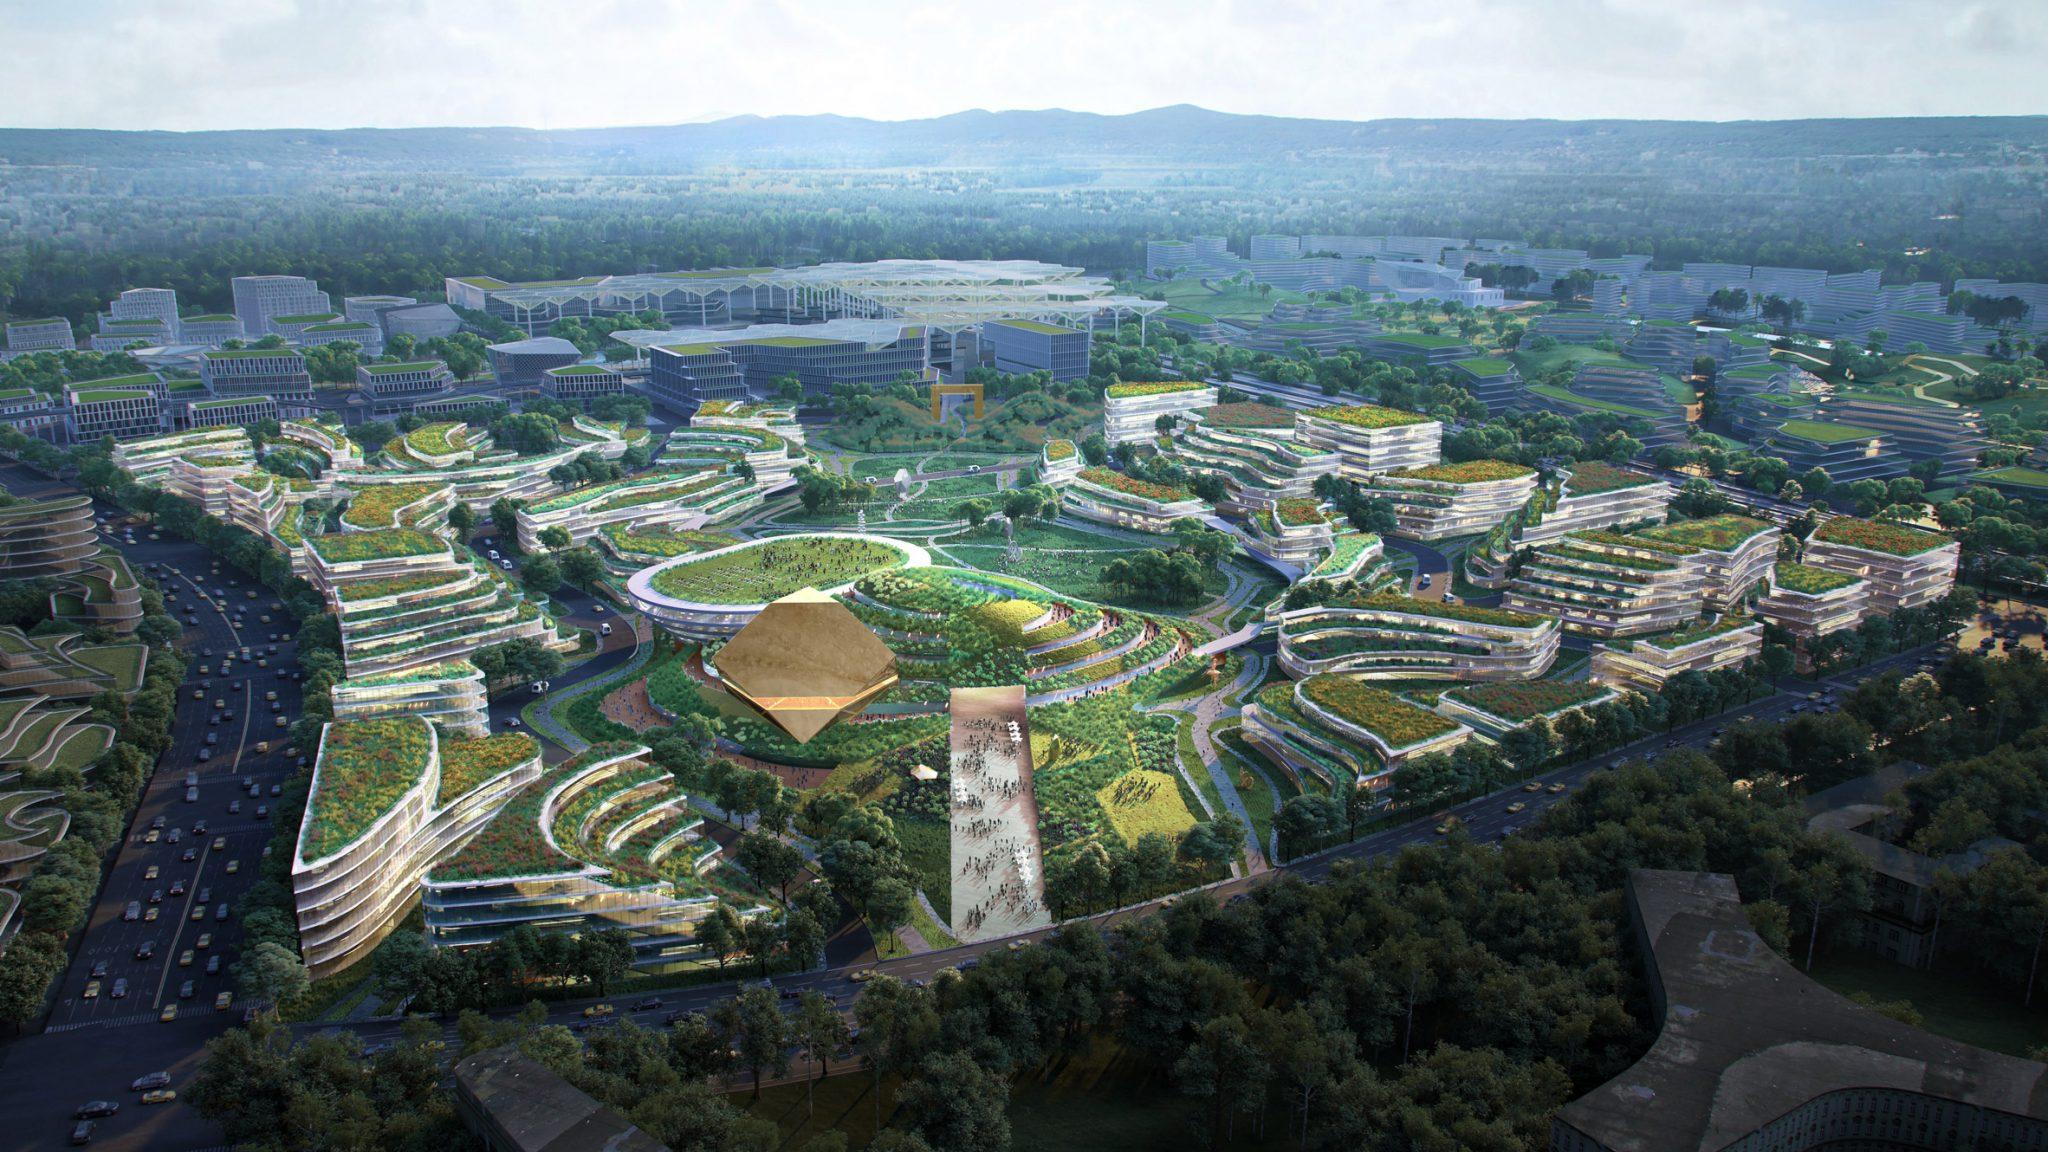 청두 미래도시, 지형에 순응하며 차없는 계획도시로 추진